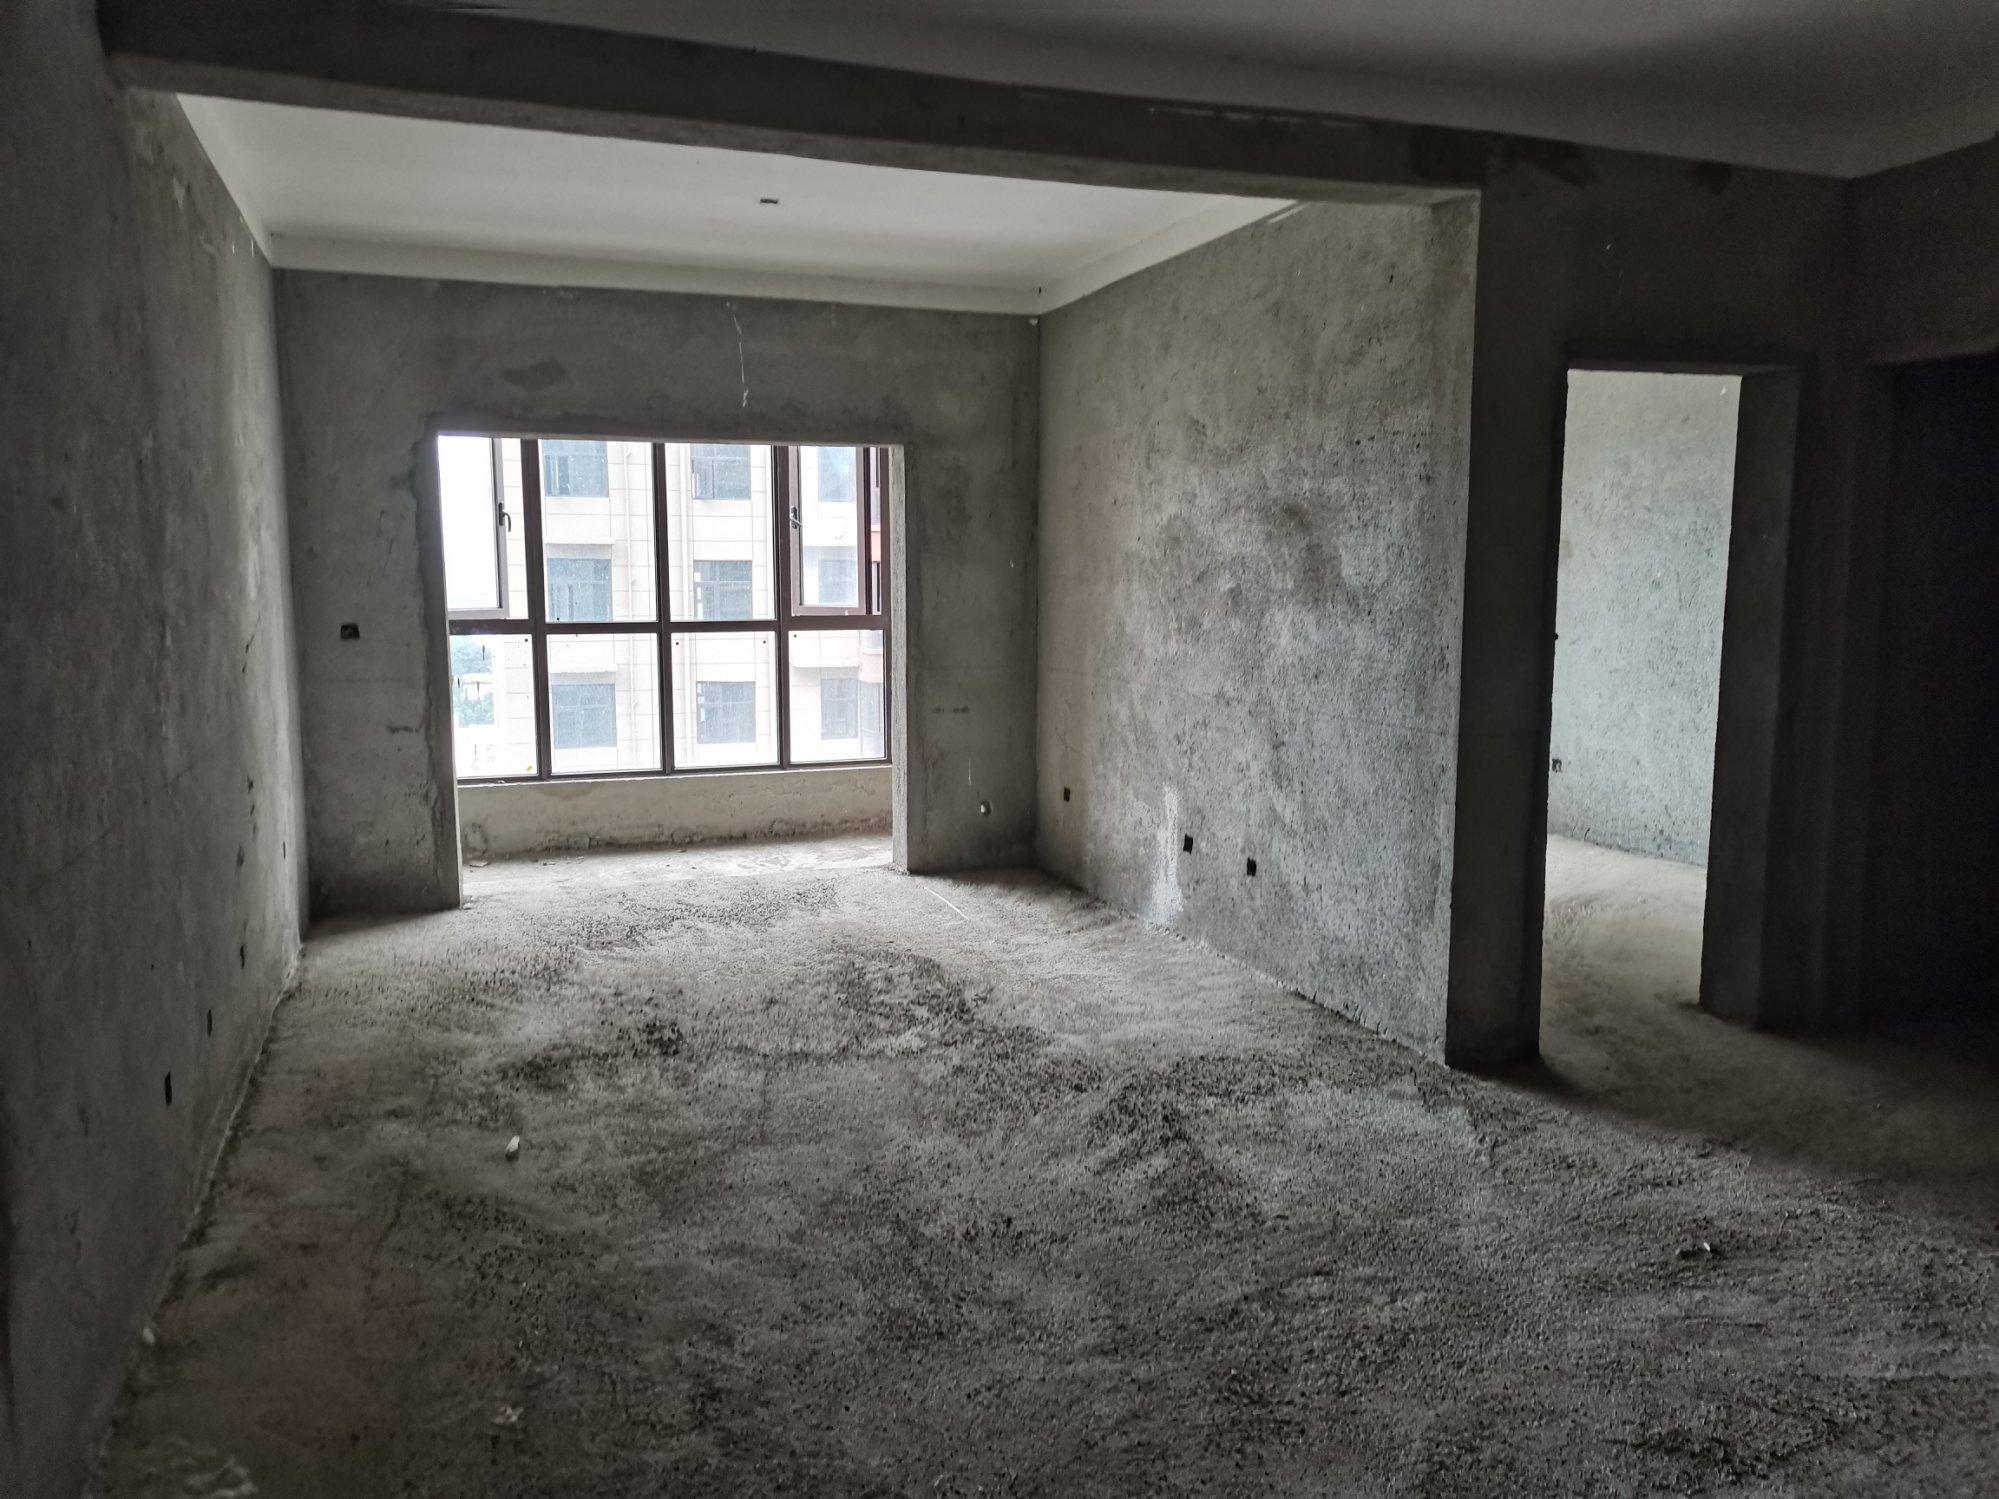 一室两厅怎么改两室一厅